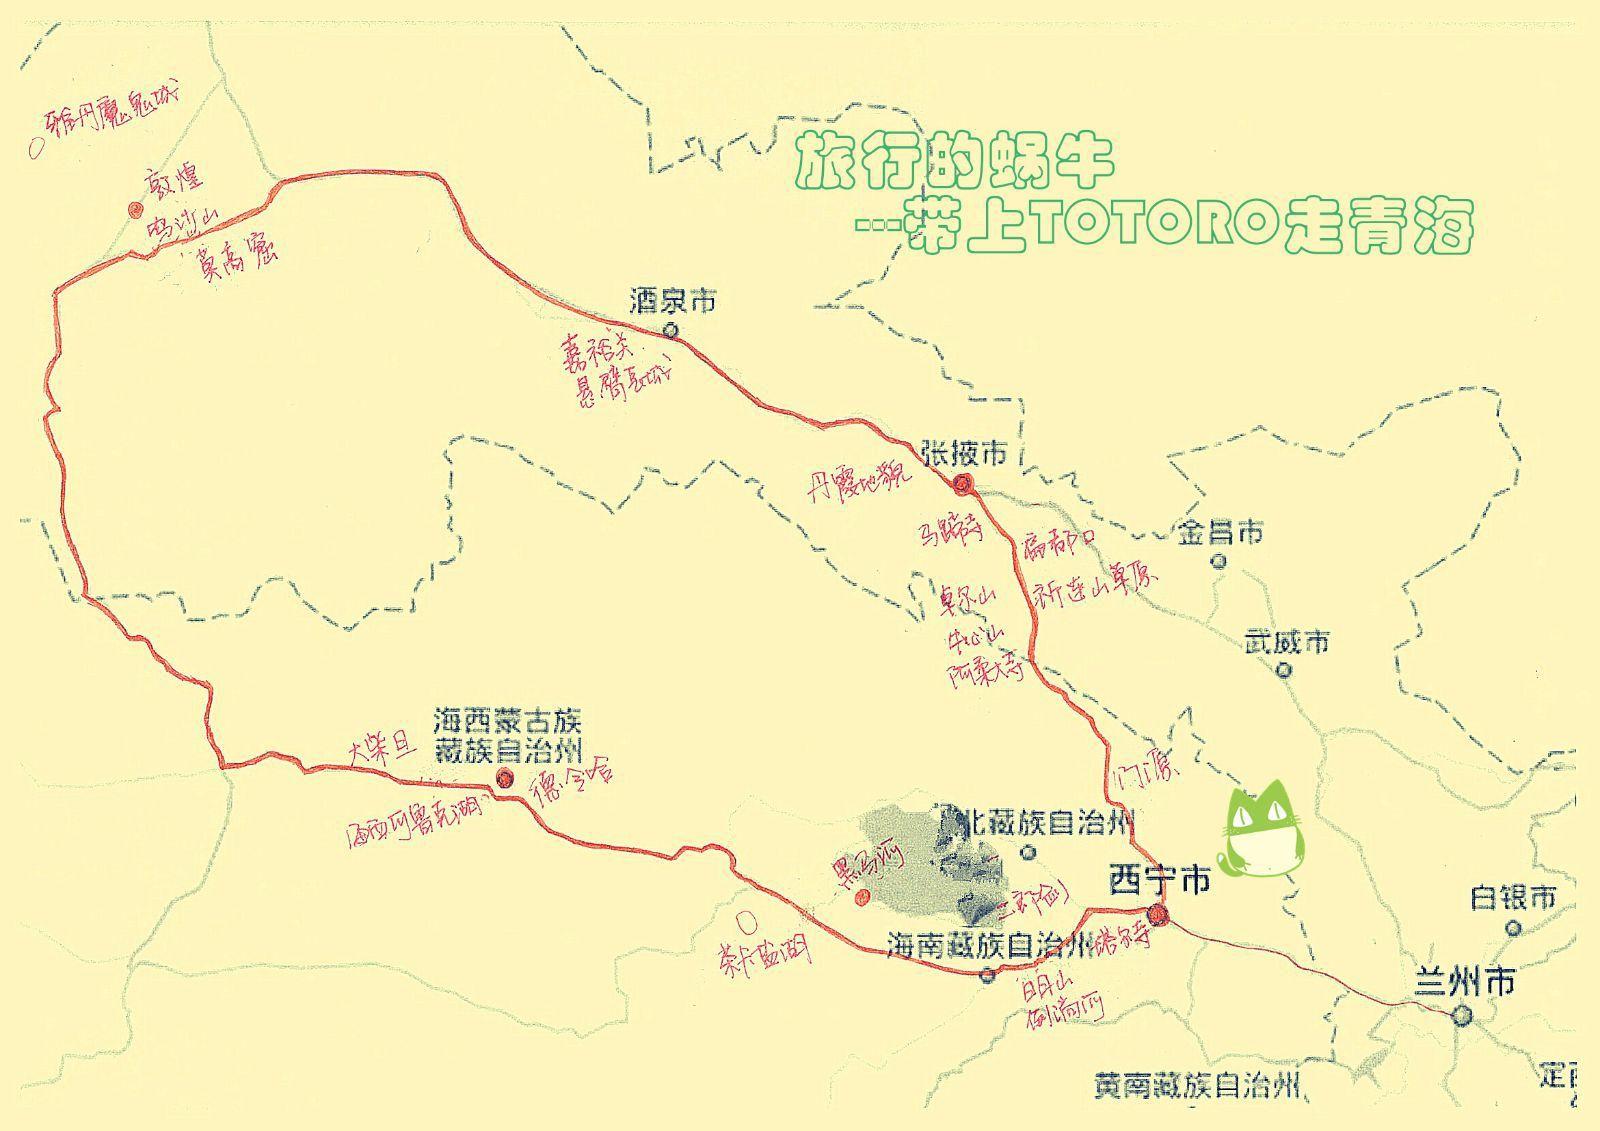 青海兰州宁夏地图